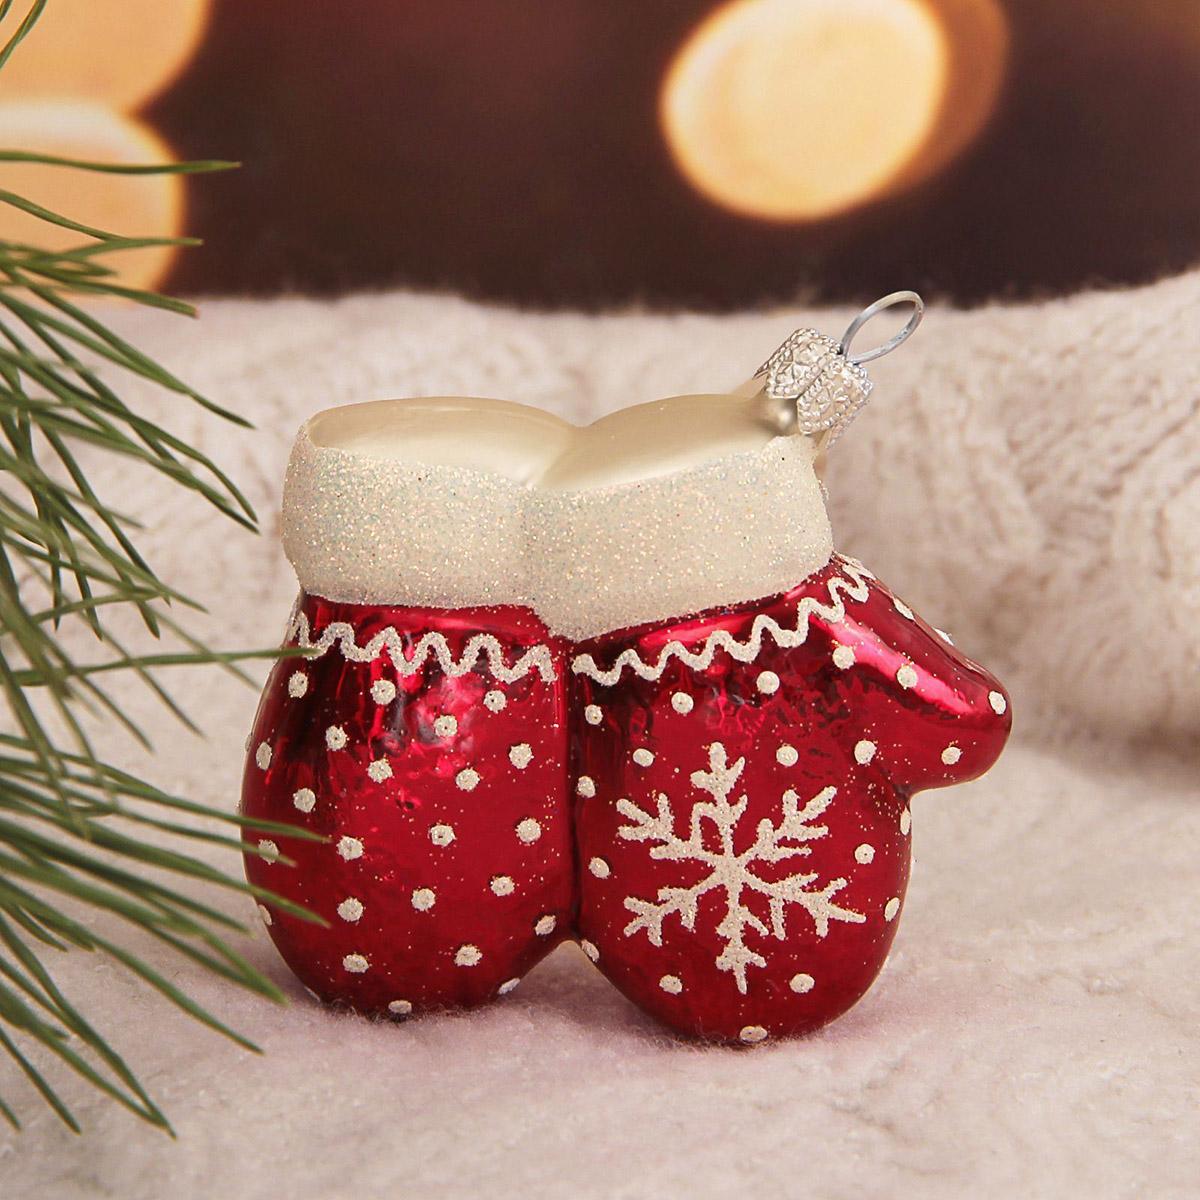 Украшение новогоднее елочное Hanco Design Варежки красные, высота 7 см106424Невозможно представить нашу жизнь без праздников! Мы всегда ждём их и предвкушаем, обдумываем, как проведём памятный день, тщательно выбираем подарки и аксессуары, ведь именно они создают и поддерживают торжественный настрой.